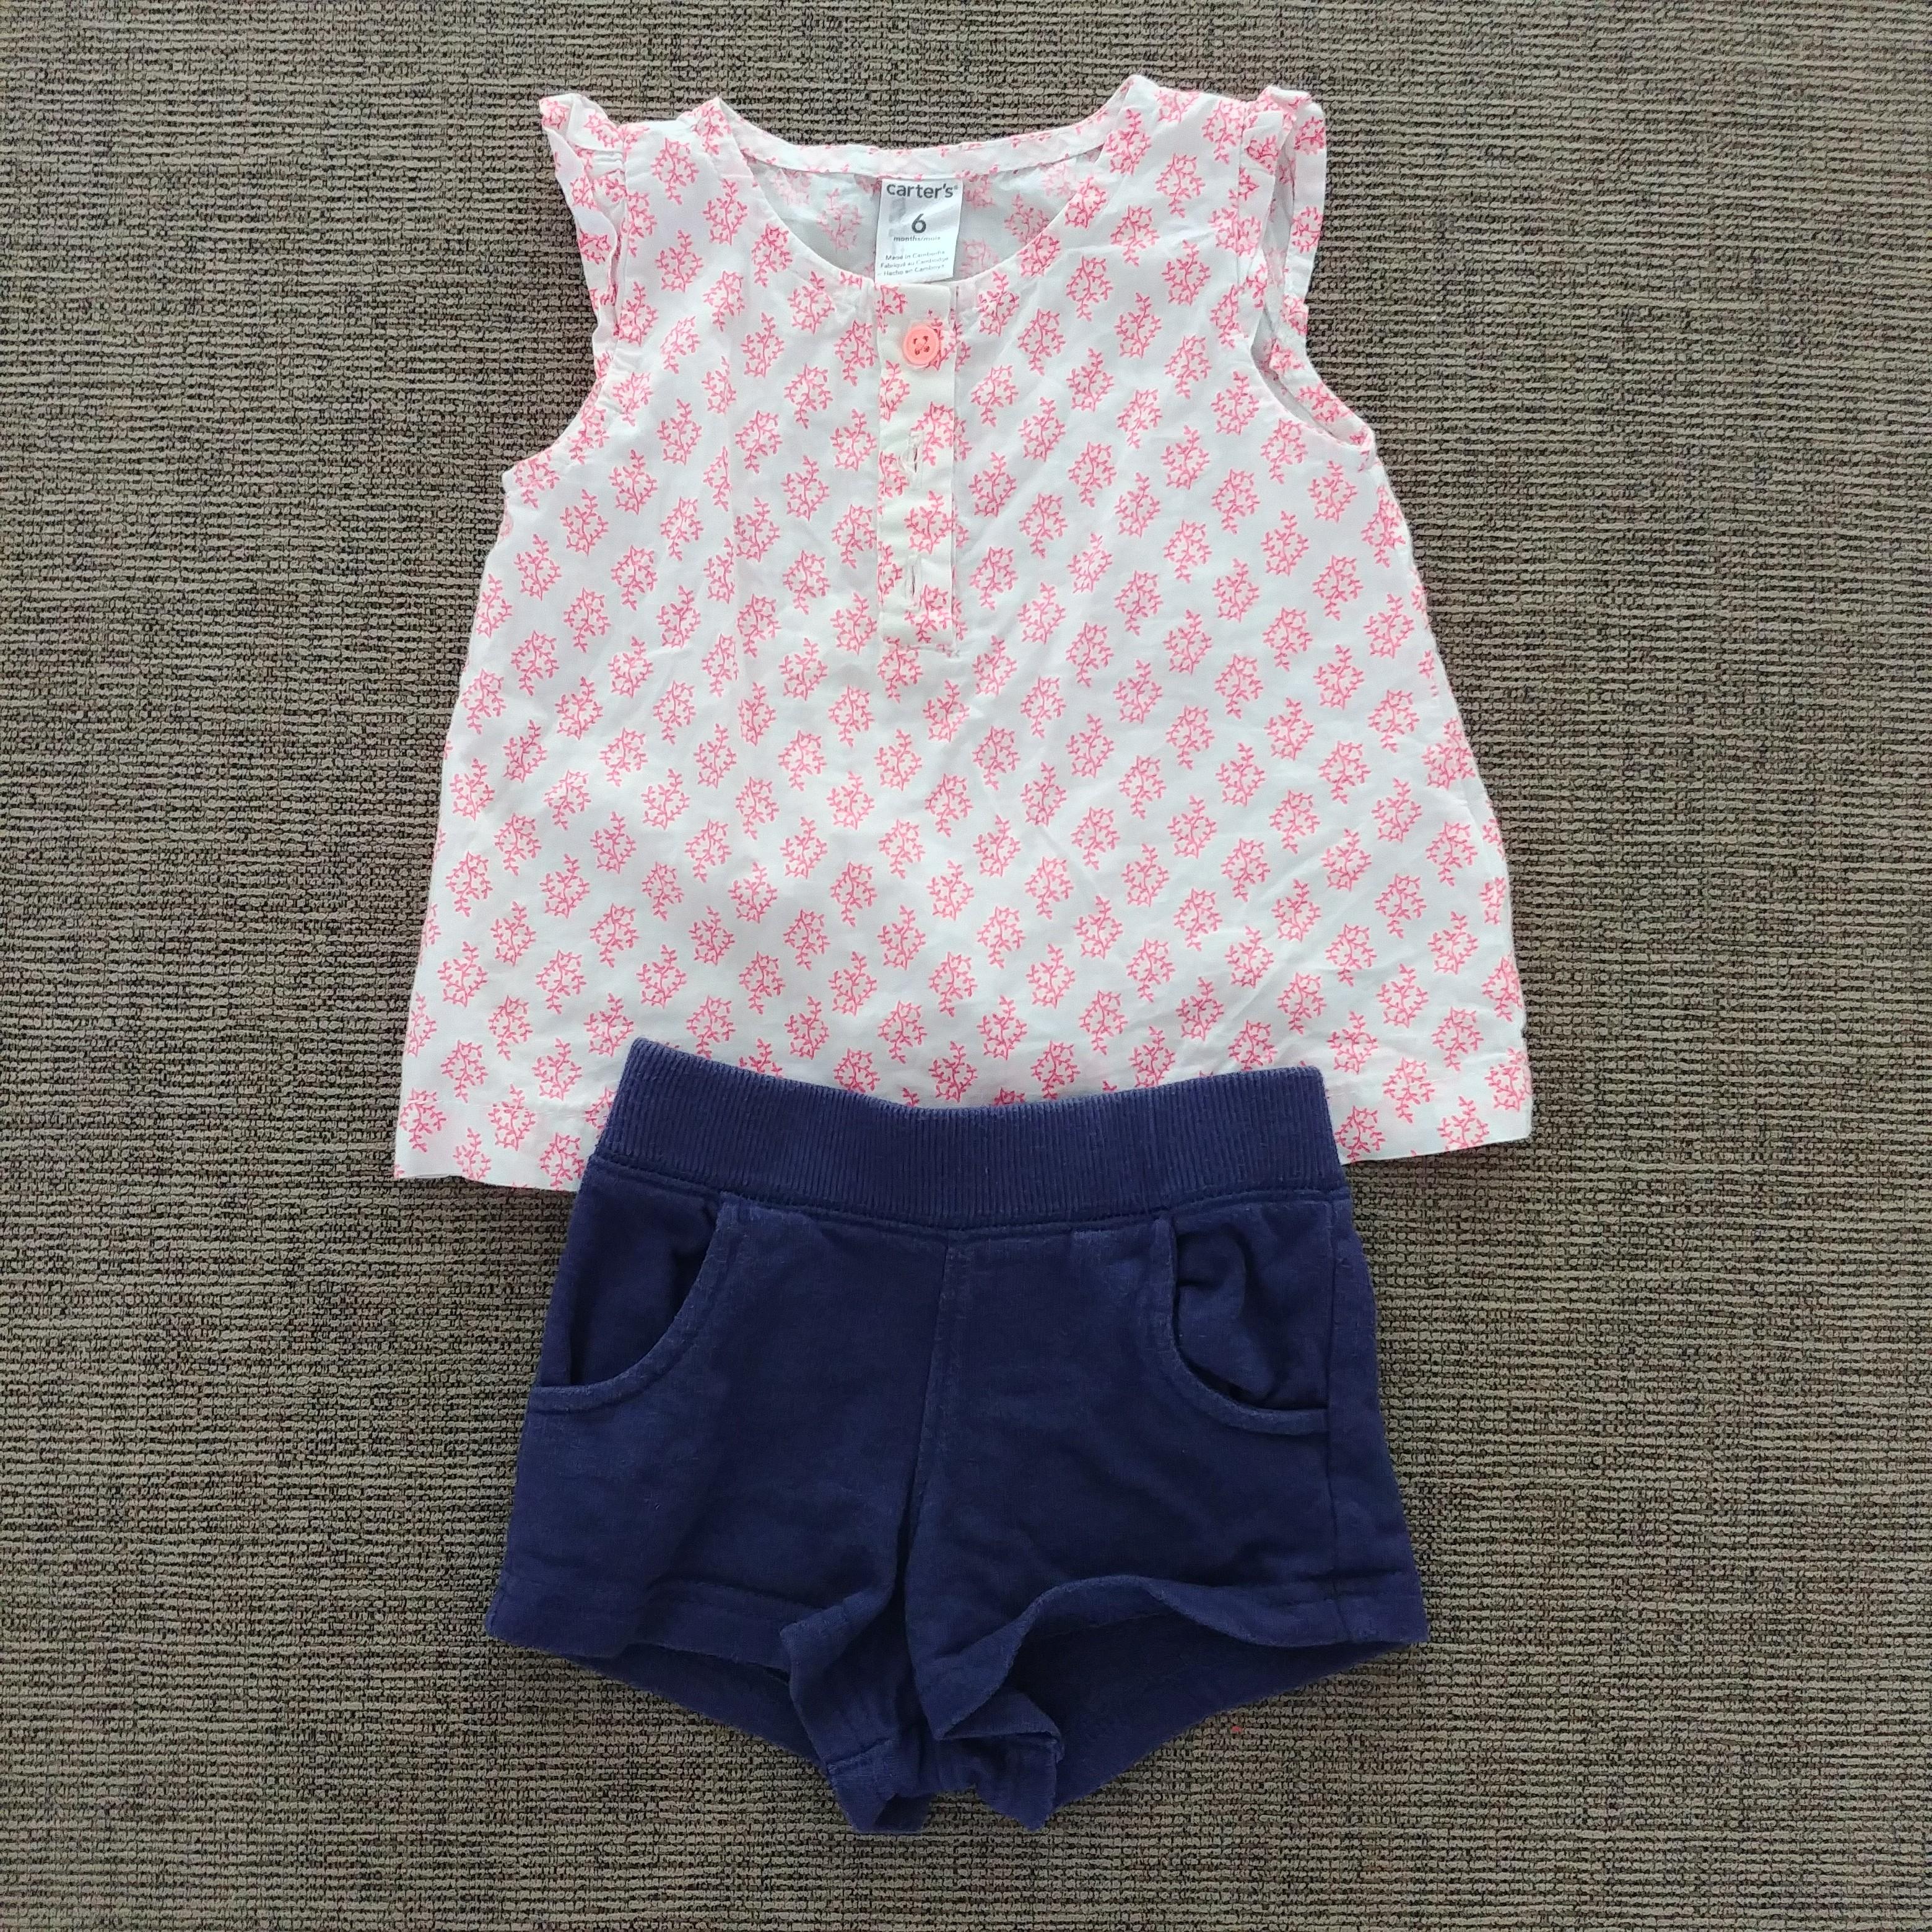 d73c3485659b Carter s Cotton Top and Shorts Set